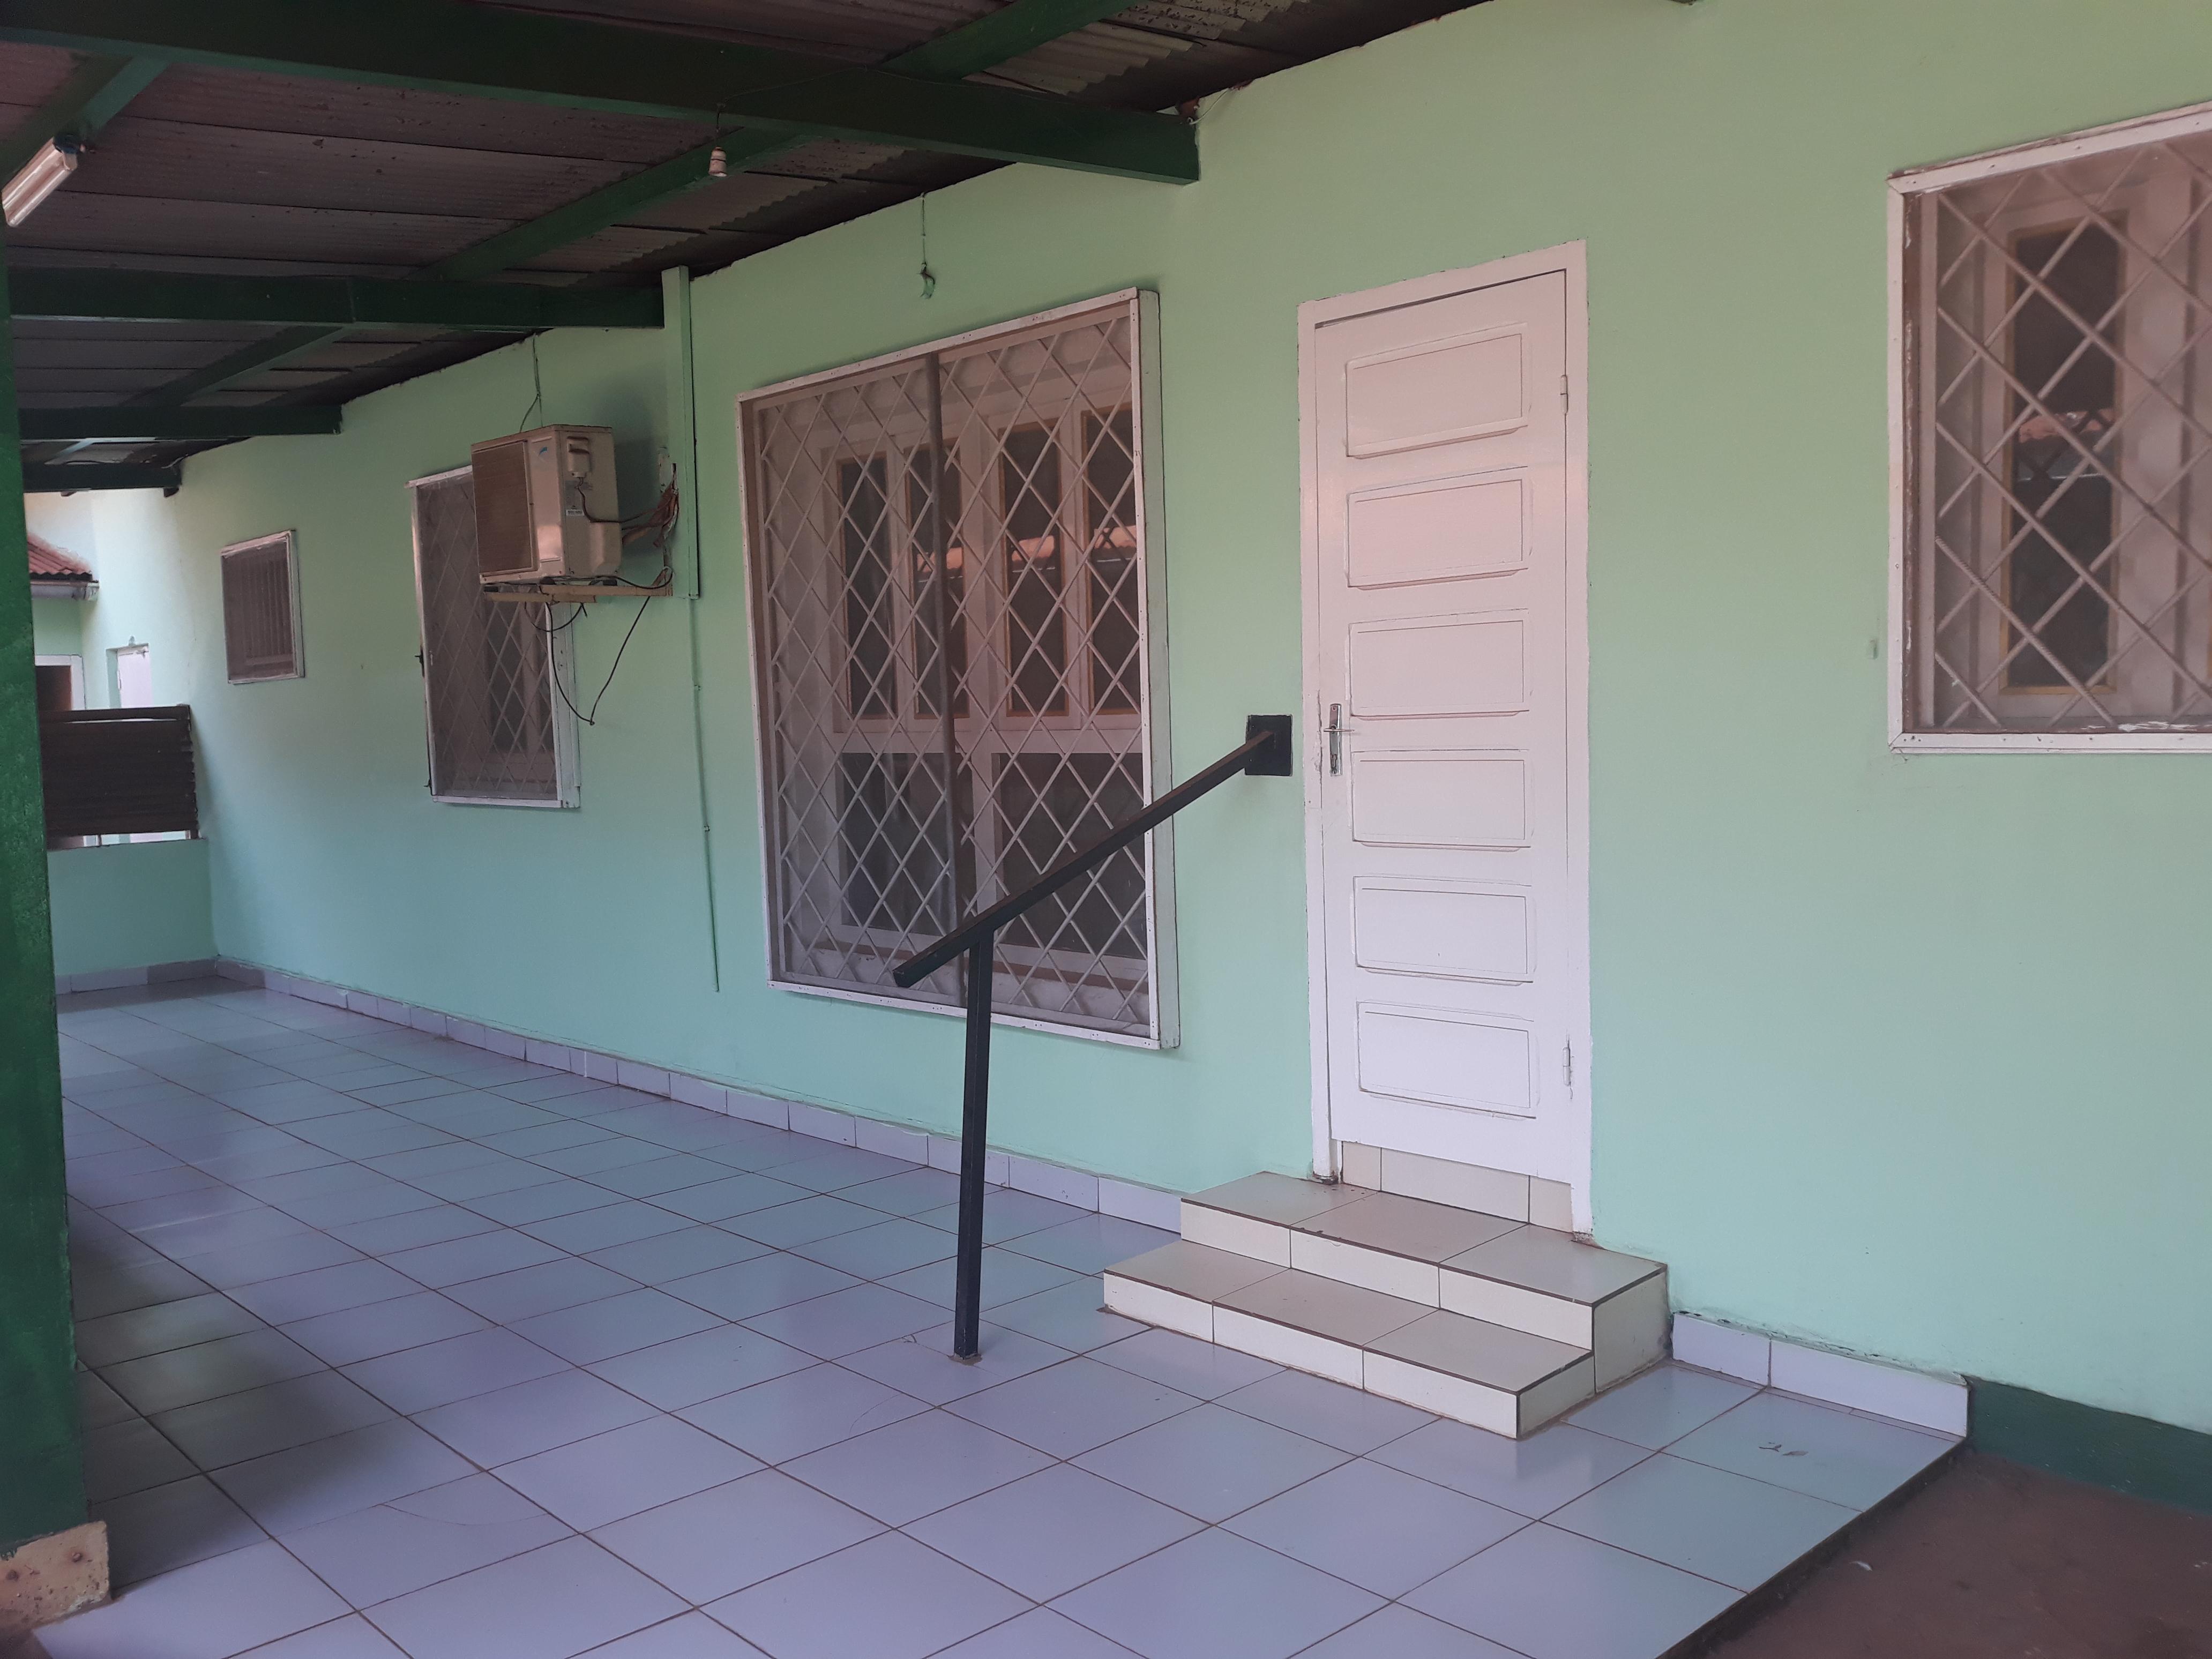 2 Maisons à louer à SICA 1